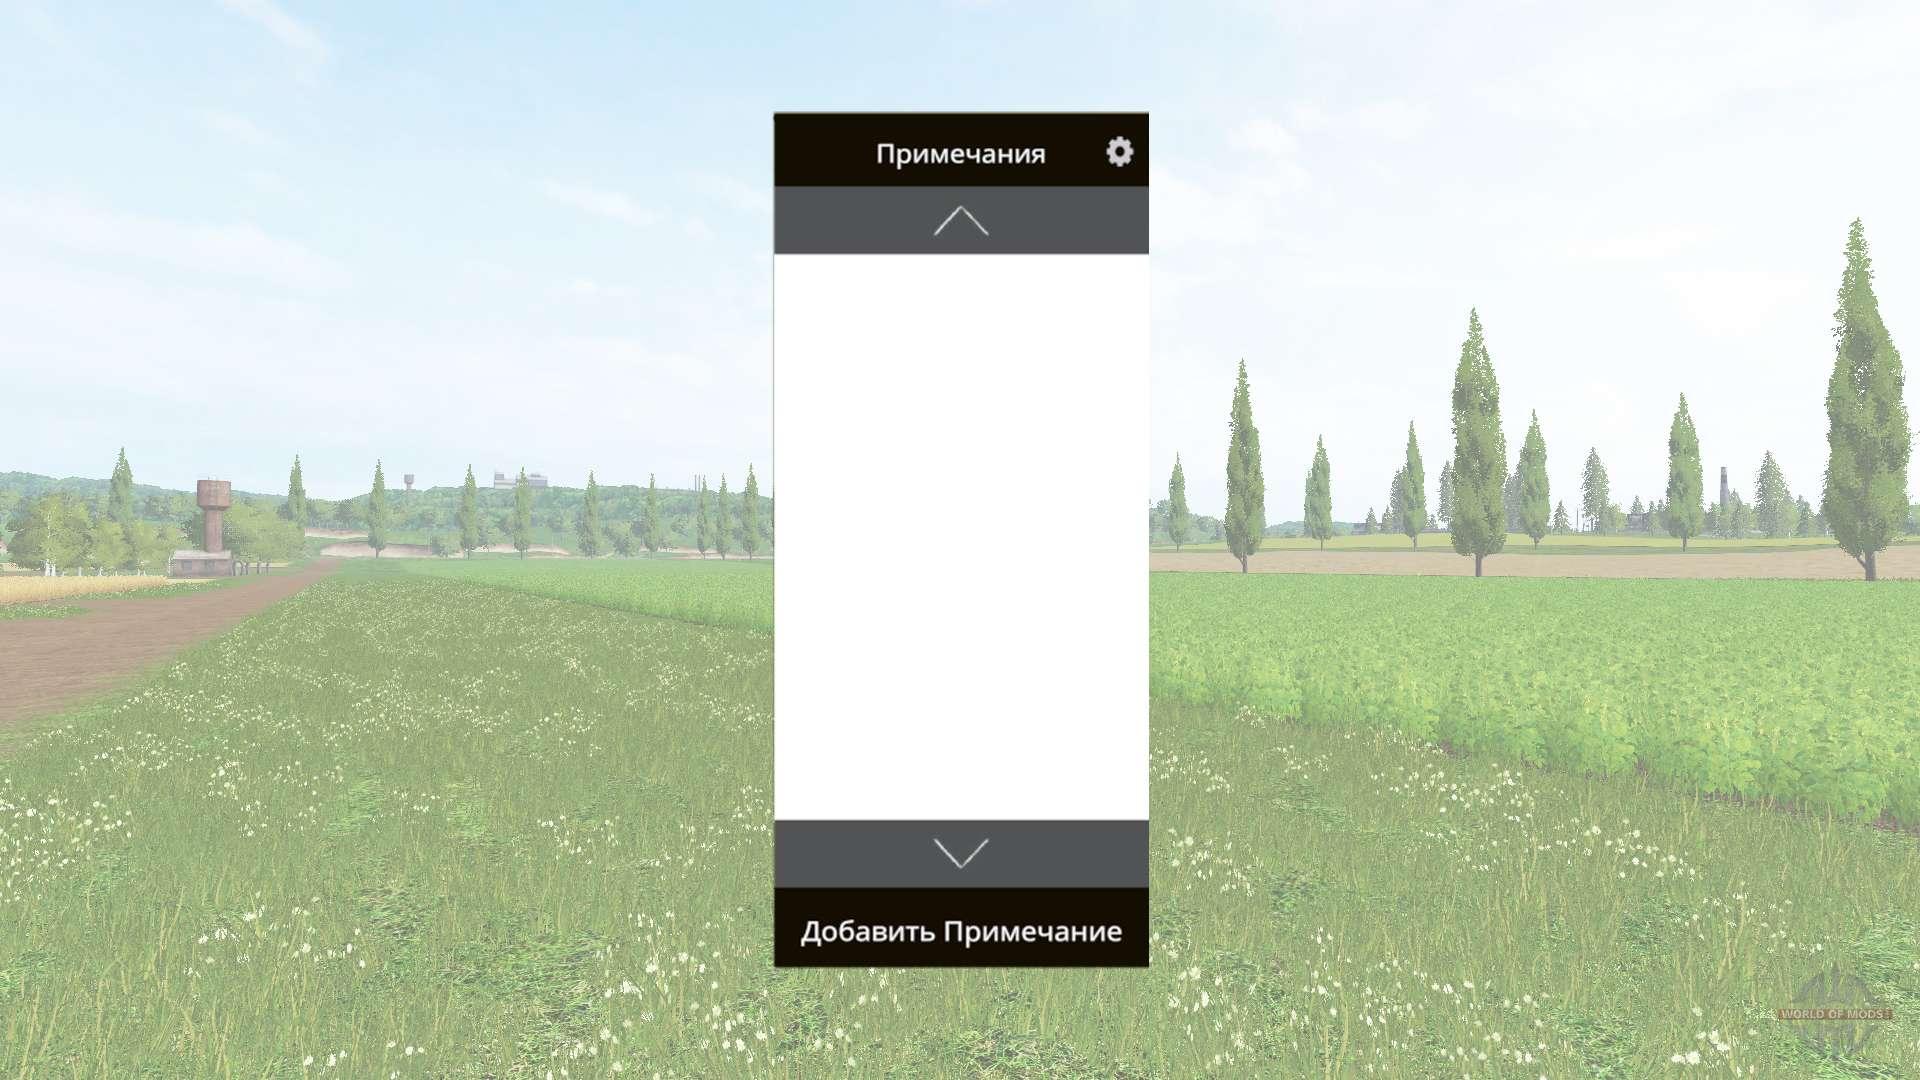 скачать мод на деньги для farming simulator 2020 1.5.3.1 где можно взять займ по телефону